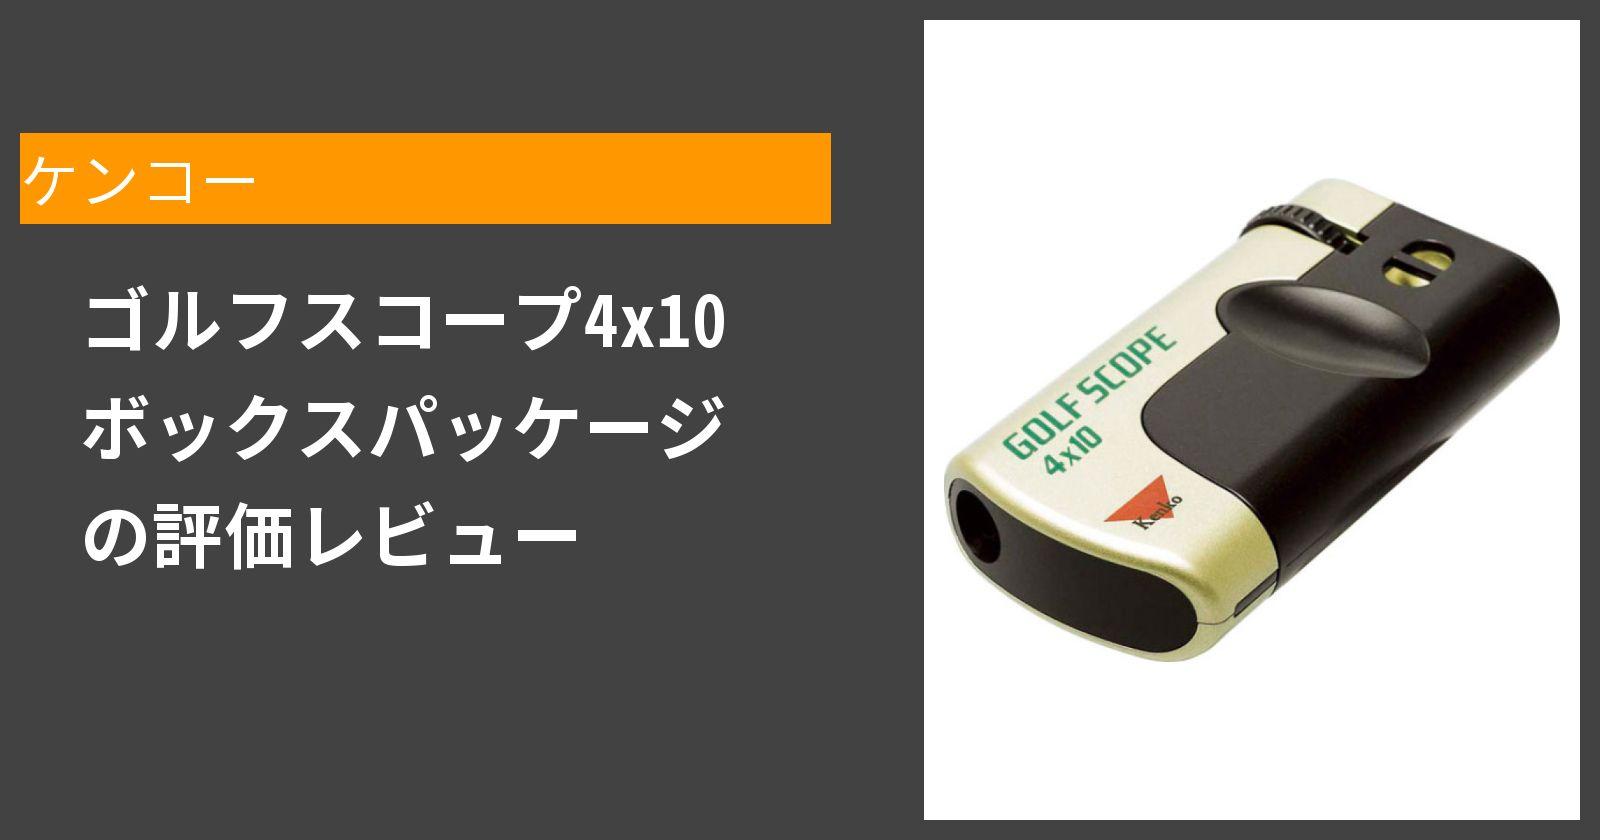 ゴルフスコープ4x10 ボックスパッケージを徹底評価